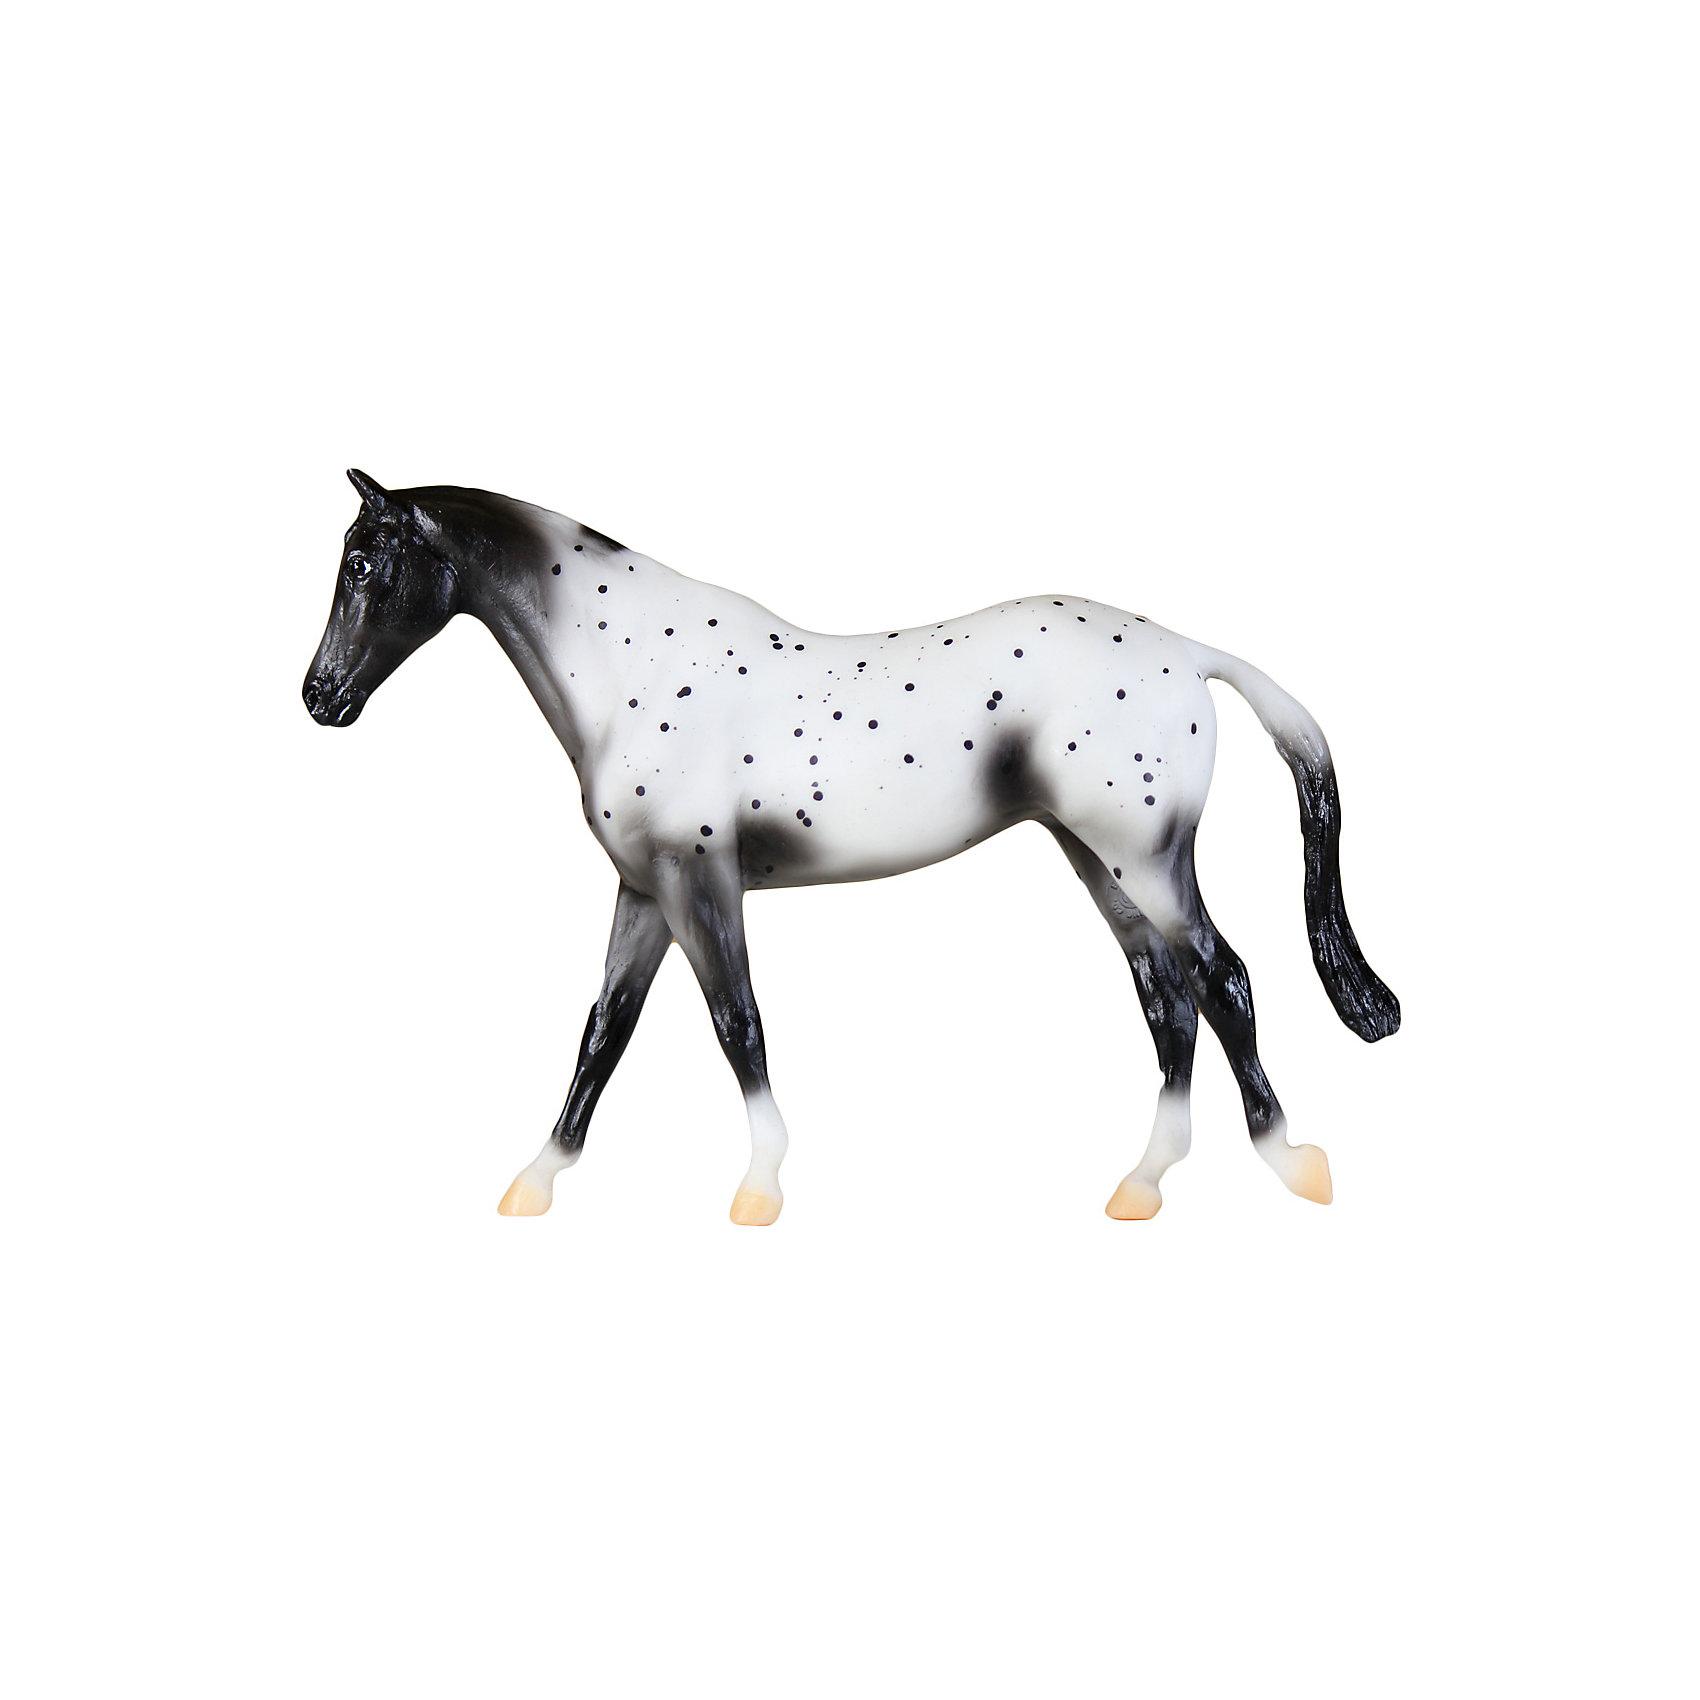 Лошадь Аппалуза леопард, BreyerВаш ребенок всерьез мечтает о собственной лошадке, но, конечно, в домашних условиях его мечта останется только мечтой?<br>Модель лошади Лошадь Аппалуза леопард обязательно понравится детям и познакомит их с одной из интересных американских пород лошадей. Порода Аппалуза в последние годы стремительно набирает популярность по всему миру, эти лошади активно используются в классических видах конного спорта и вестерне. Также они весьма популярны в конном туризме, и как шоу-лошади (из-за яркой и необычной масти). Ребенку понравится играть с такой лошадкой, она прекрасно детализирована, выполнена в масштабе 1:12 и очень реалистично раскрашена. Игрушка изготовлена из высококачественных безопасных для детей материалов. Собери всю коллекцию лошадок и аксессуаров к ним, устраивай скачки и показательные выступления! <br><br>Дополнительная информация:<br><br>- Материал: пластик.<br>- Размер: 23х15 см.<br>- Масштаб: 1:12<br><br>Лошадь Аппалуза леопард, Breyer можно купить в нашем магазине.<br><br>Ширина мм: 279<br>Глубина мм: 67<br>Высота мм: 203<br>Вес г: 277<br>Возраст от месяцев: 48<br>Возраст до месяцев: 180<br>Пол: Унисекс<br>Возраст: Детский<br>SKU: 4046562